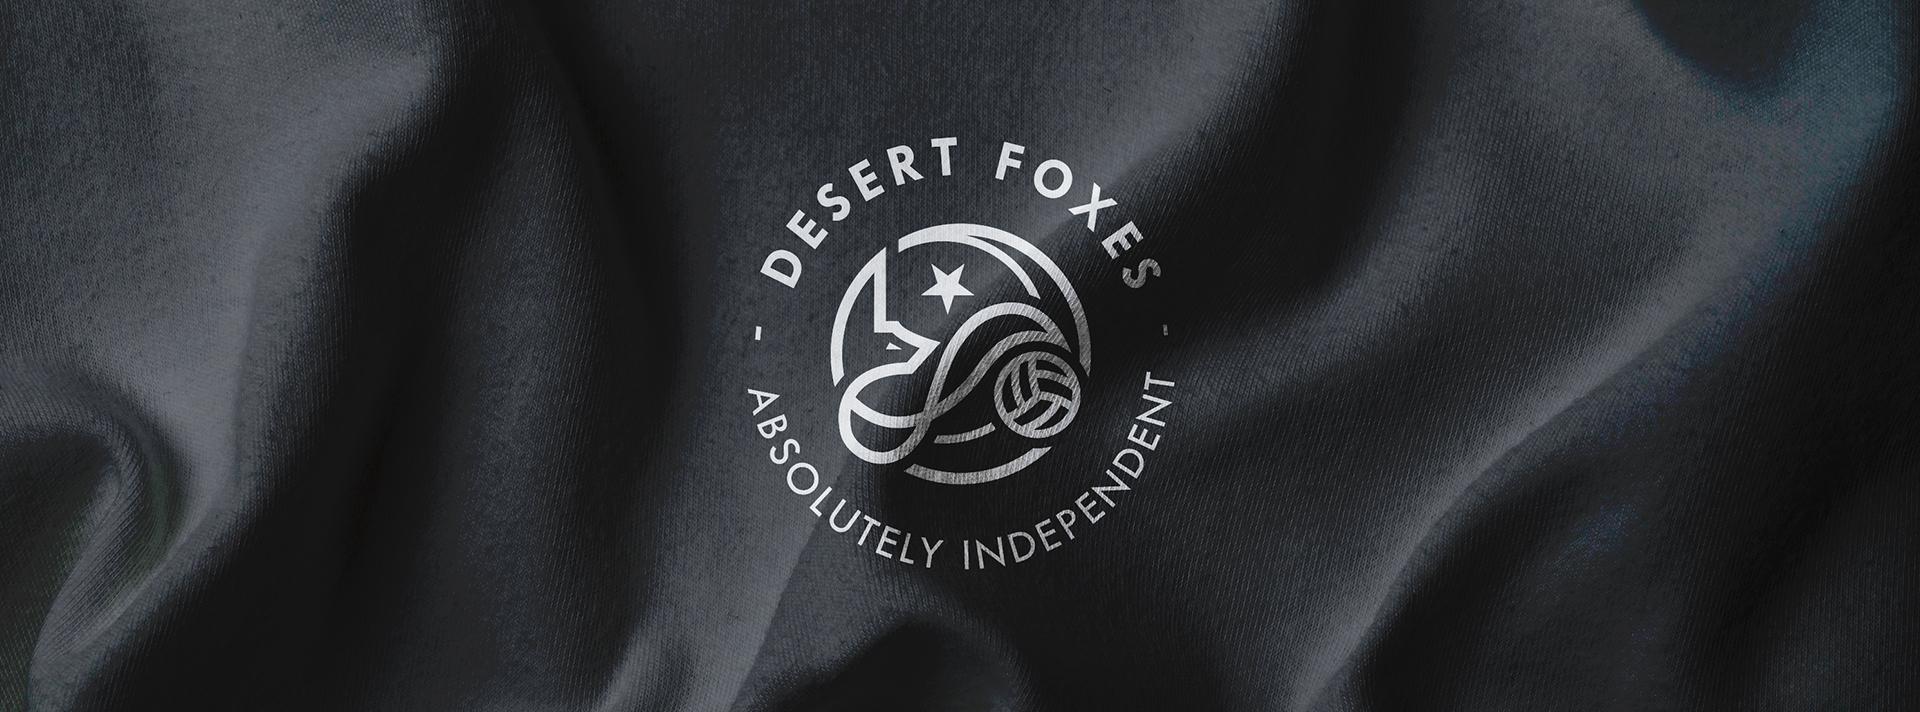 desertfoxes-1